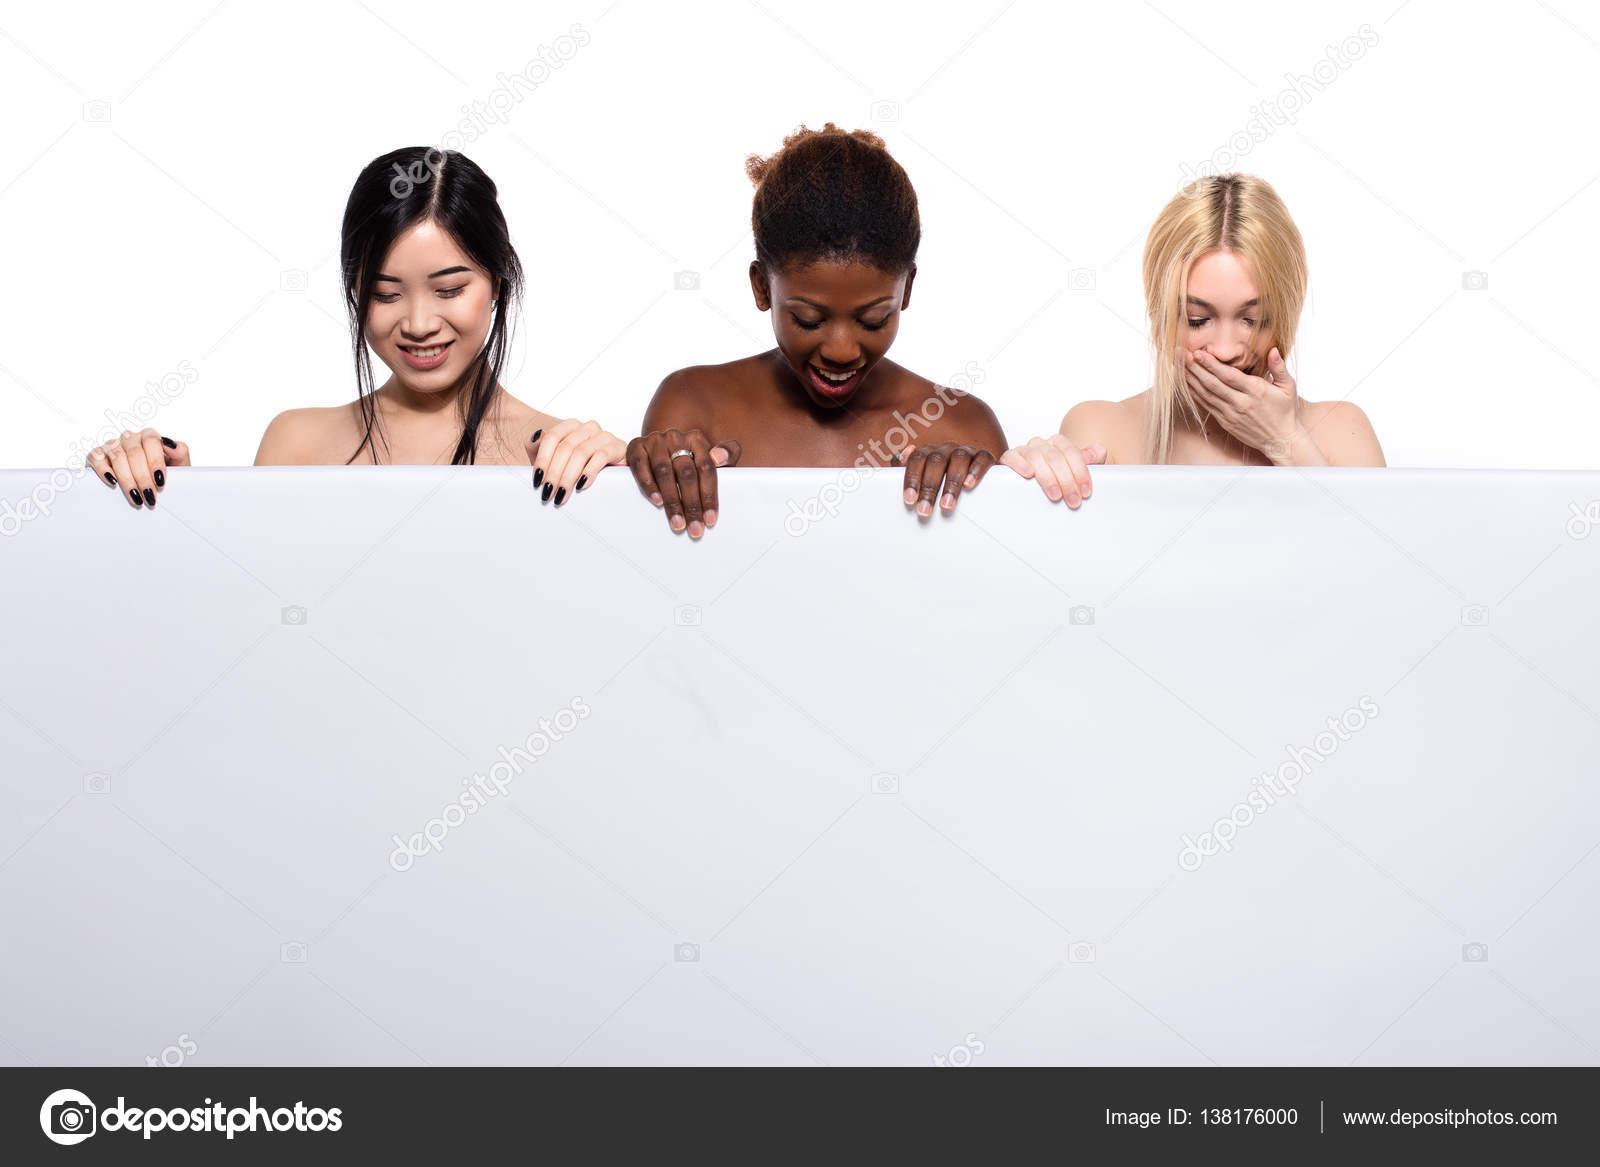 Κινούμενα σχέδια πορνό φωτογραφίες οι Σίμσονς